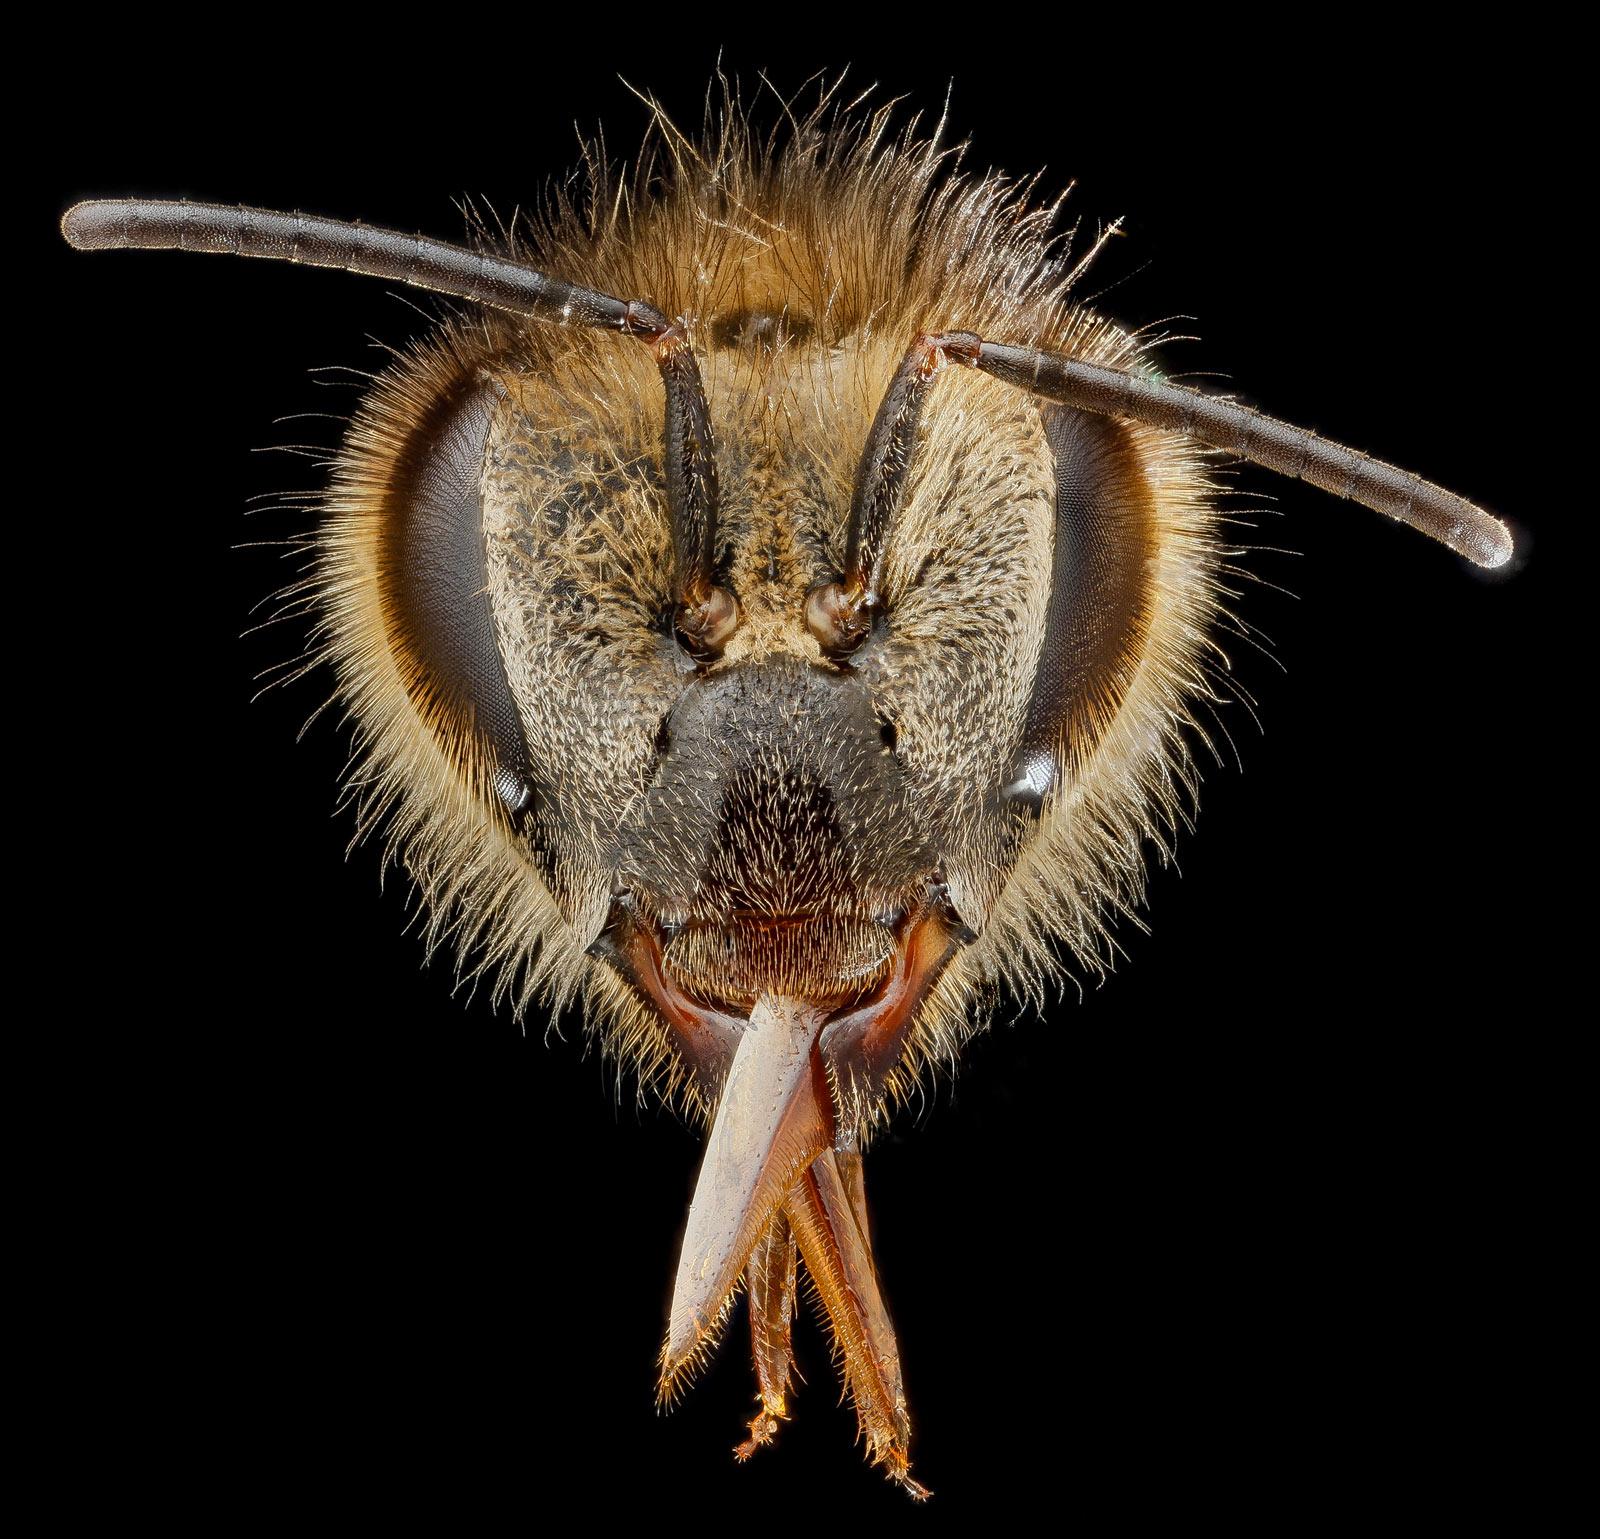 3-honeybee-head-1600